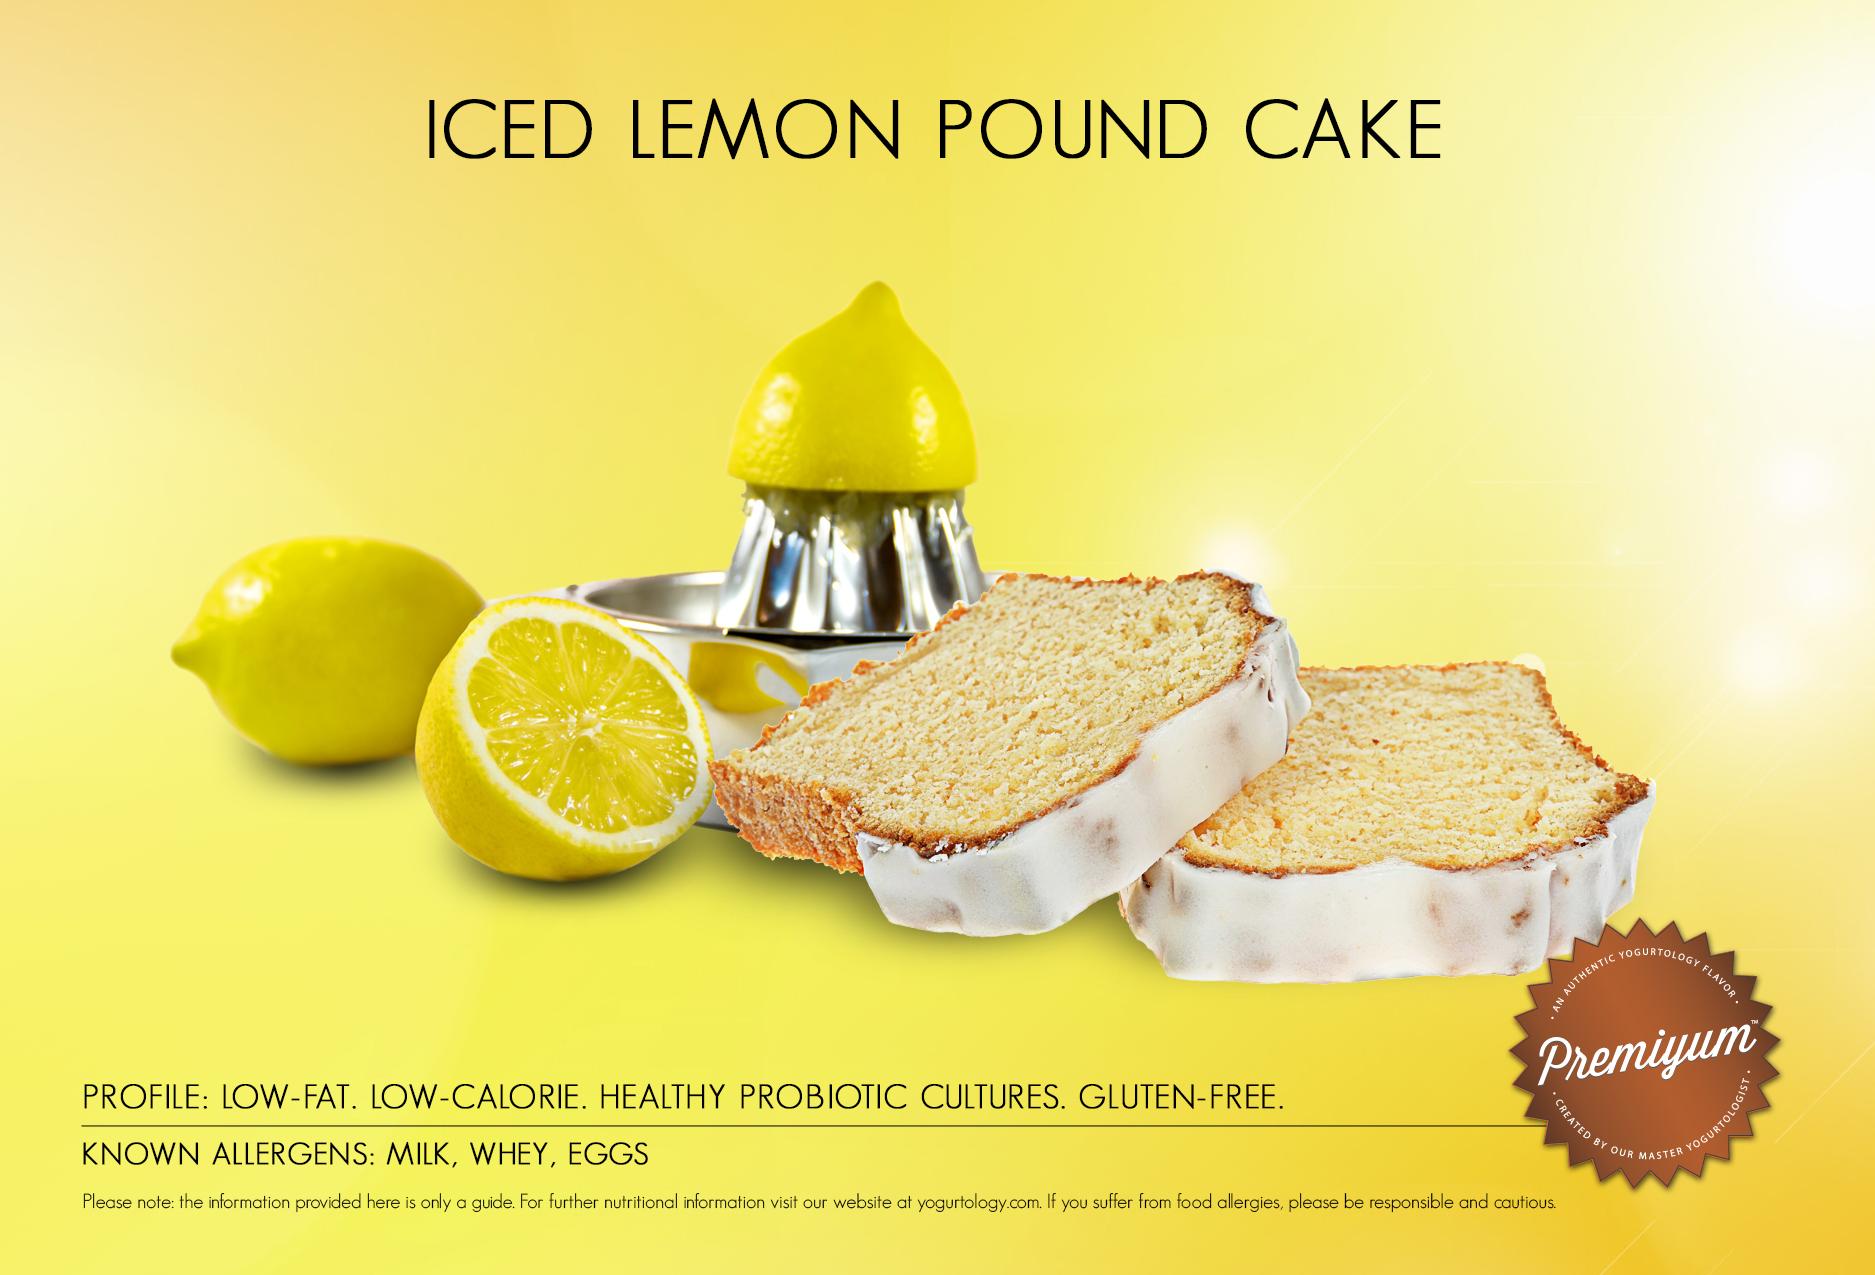 Iced Lemon Pound Cake yogurt, Classic Vanilla yogurt and graham ...